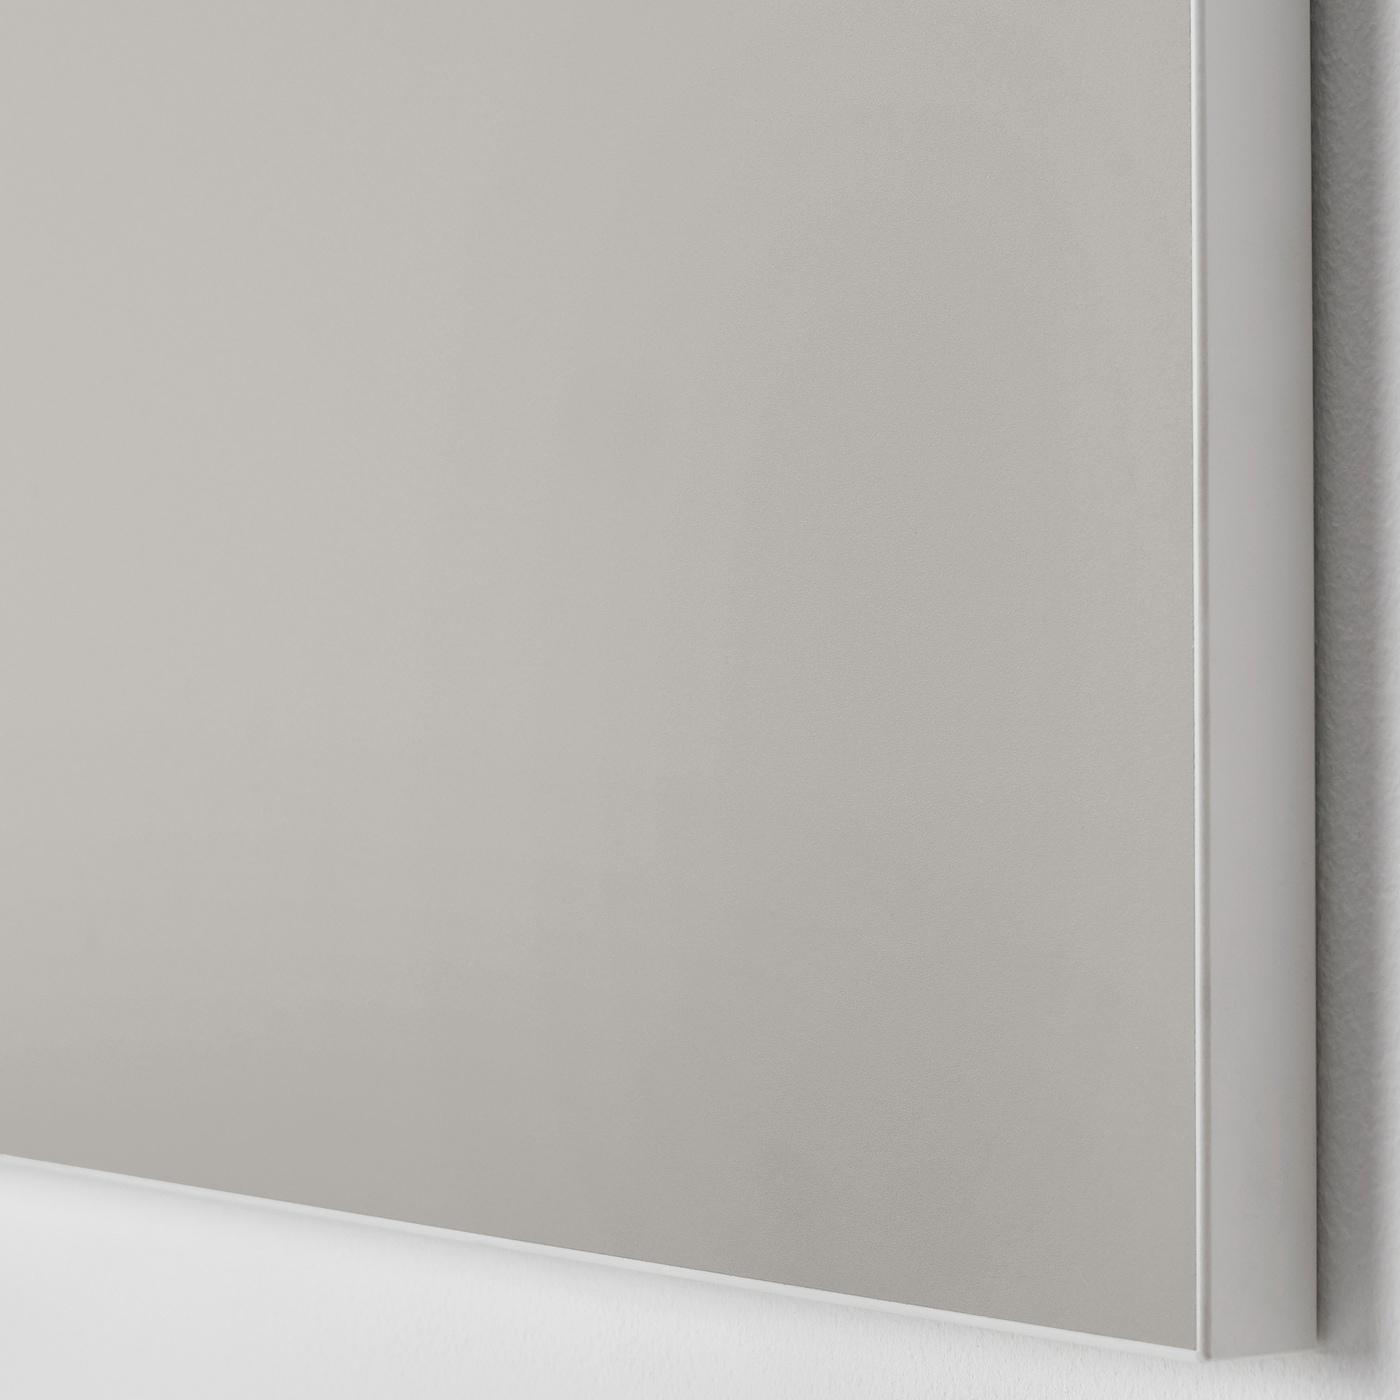 SKATVAL Dvere, svetlosivá, 60x60 cm